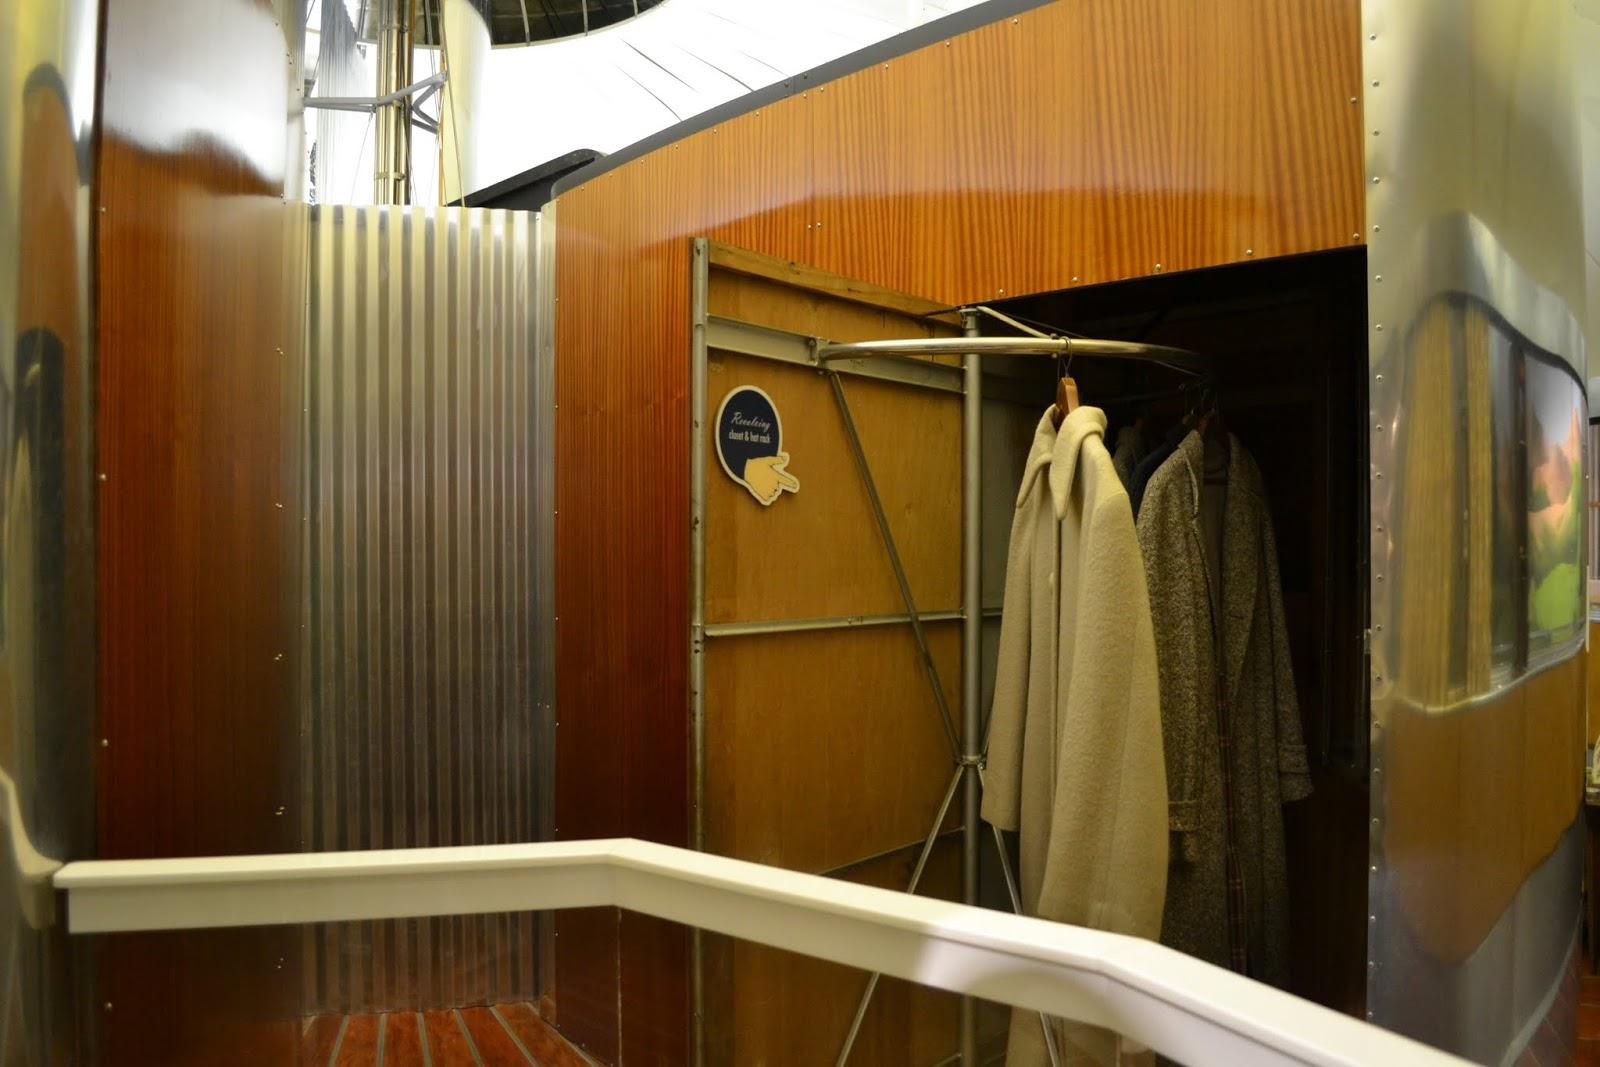 Дом Димаксион, музей Генри Форда. Дирборн, Мичиган (Dymaxion house, Henry Ford Museum, Dearborn, MI)